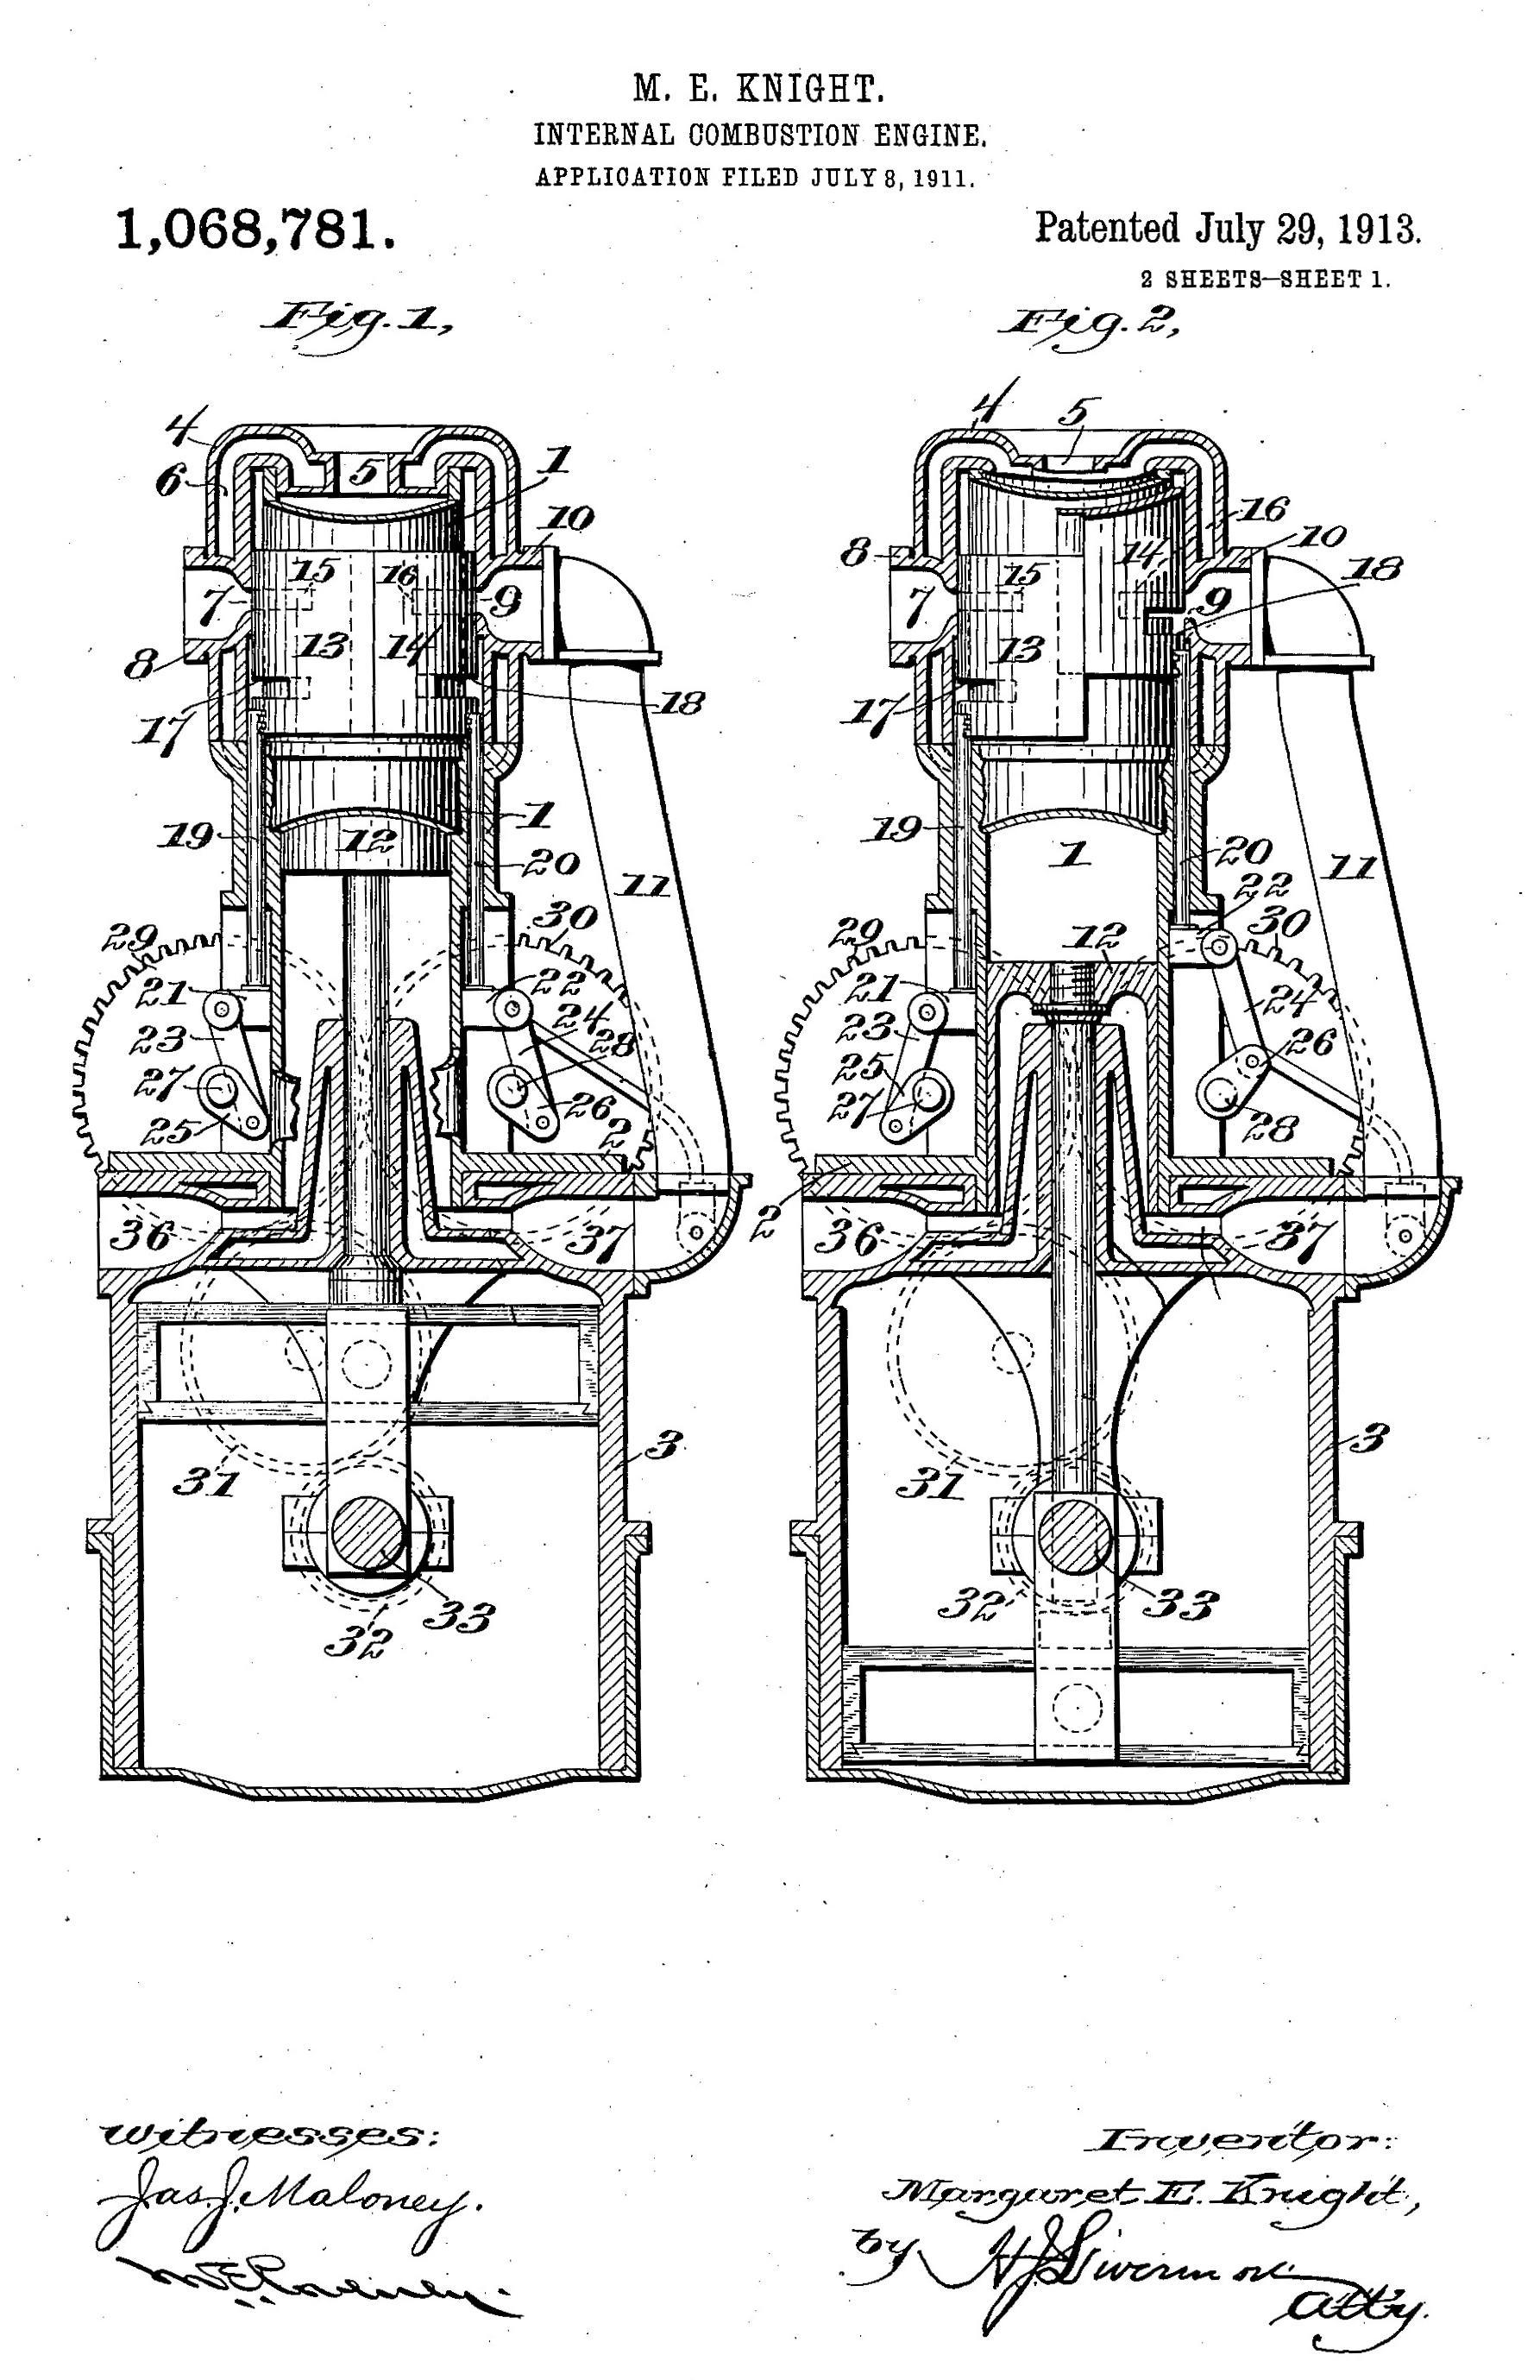 File Us1068781-internal Combustion Engine  2  Jpg